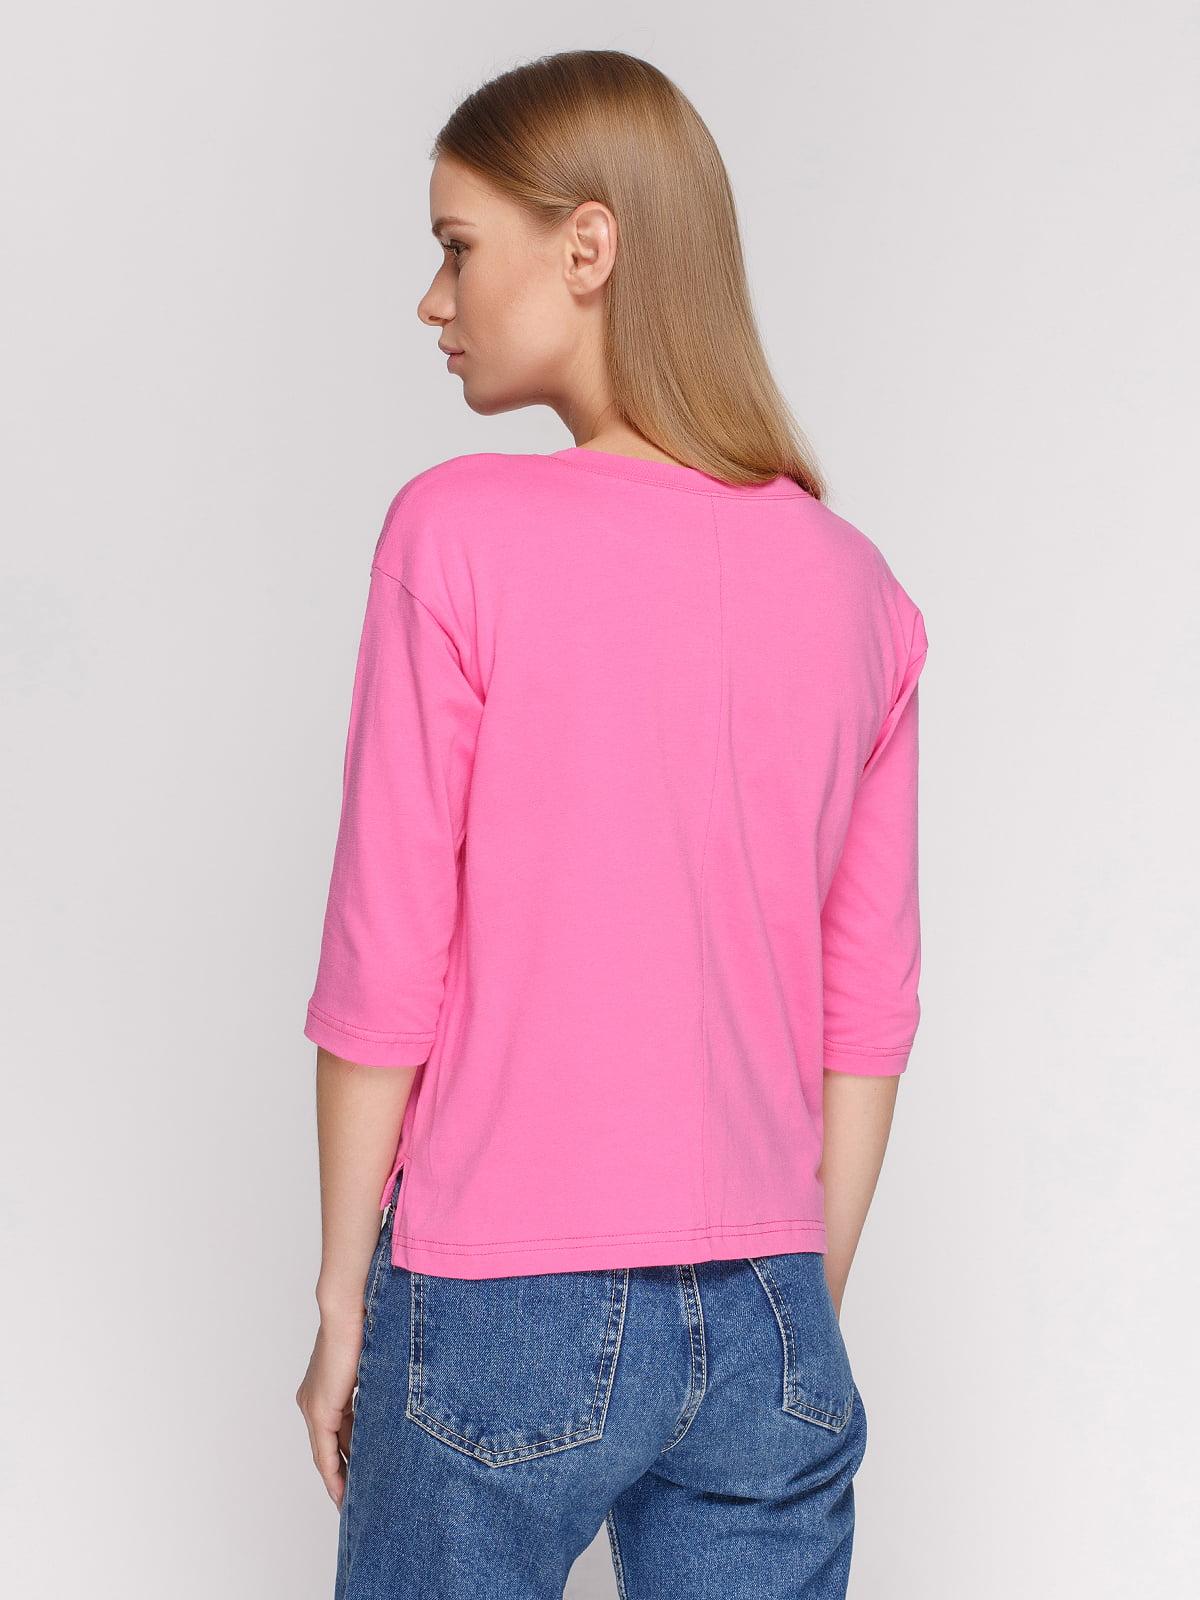 Лонгслів рожевий з принтом | 4578150 | фото 2